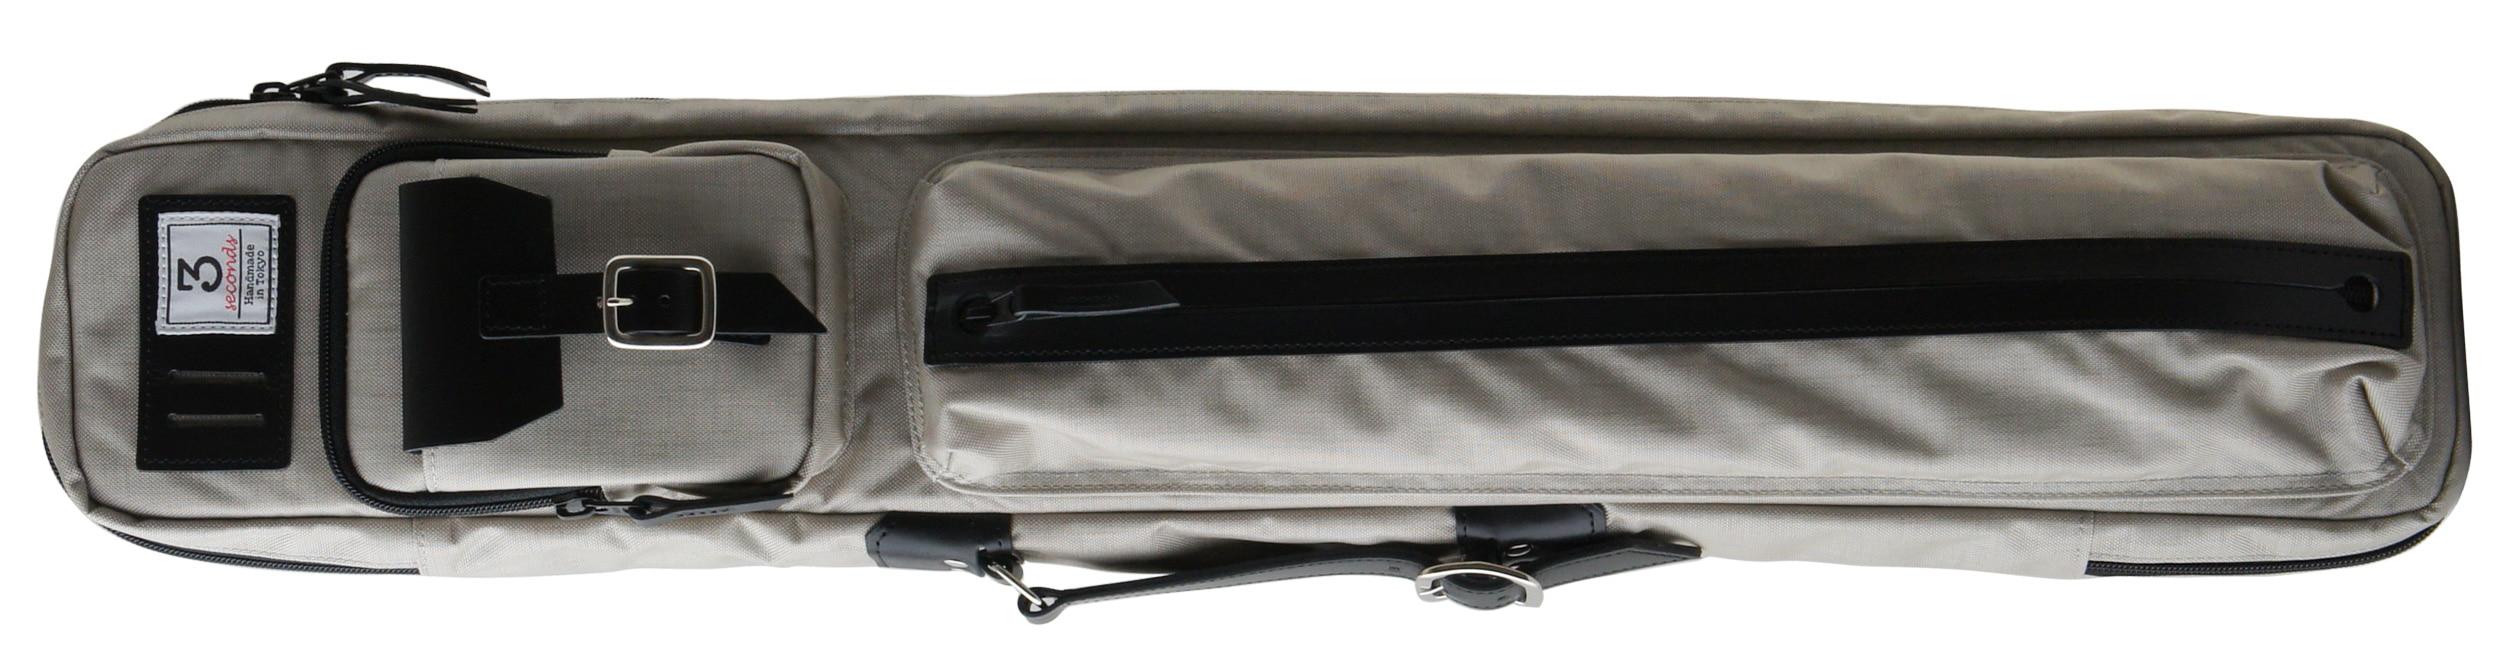 スリーセカンズ ケース グレー 2b4s (バット2本シャフト4本収納) 商品画像